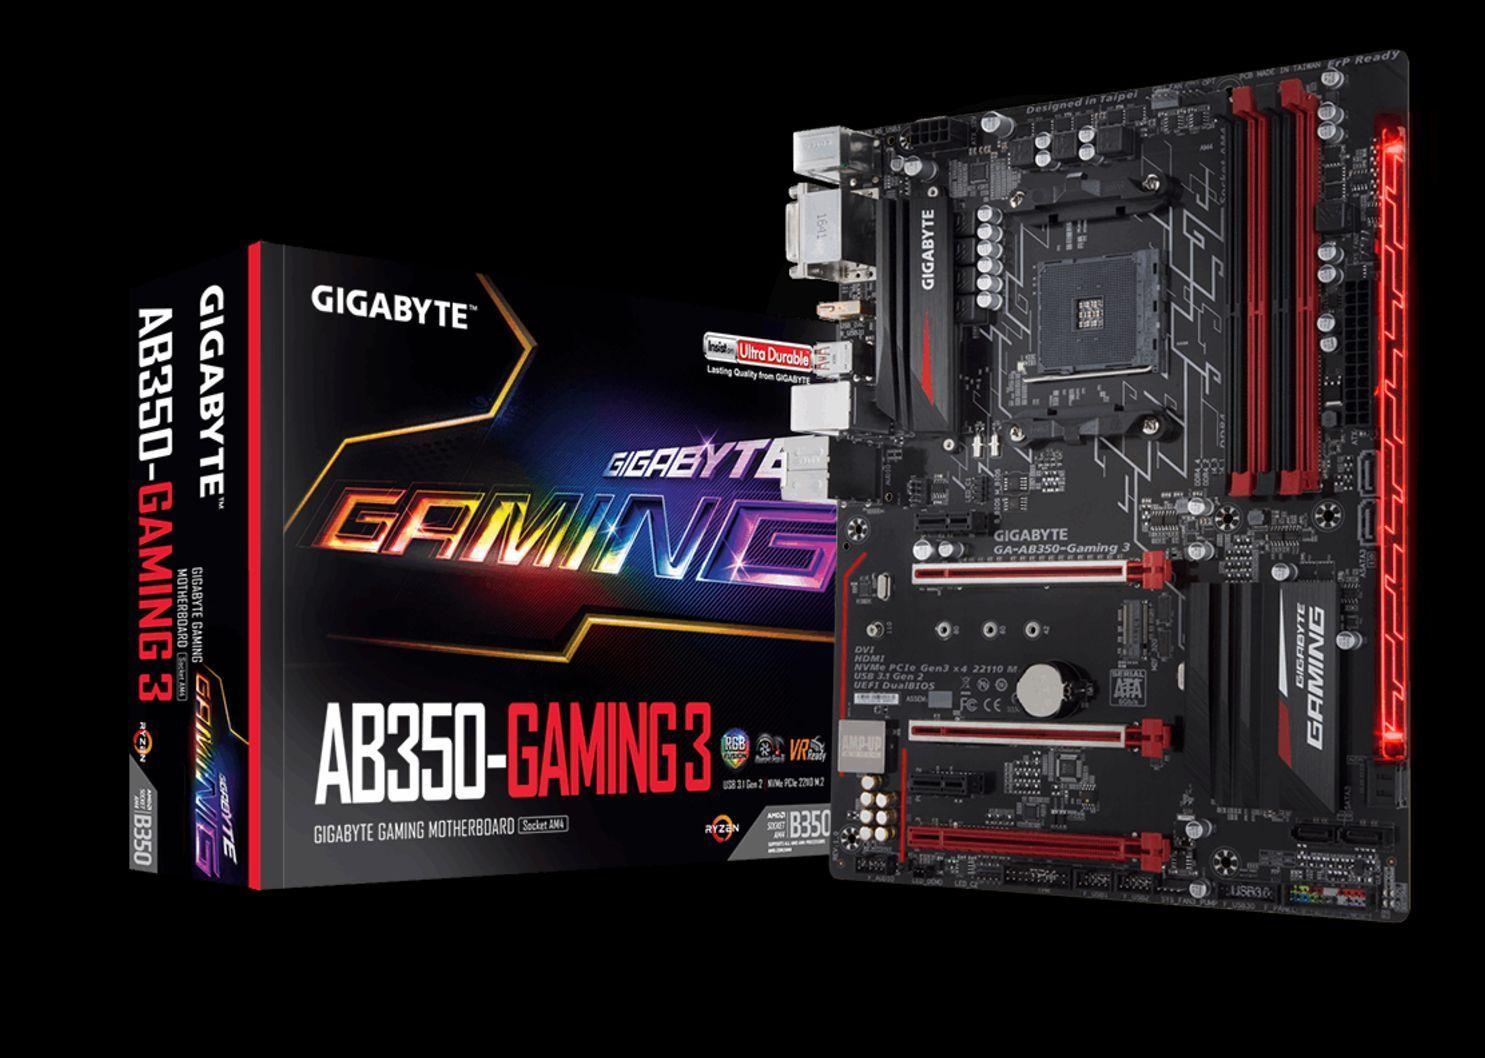 Gigabye Ab350 Gaming 3